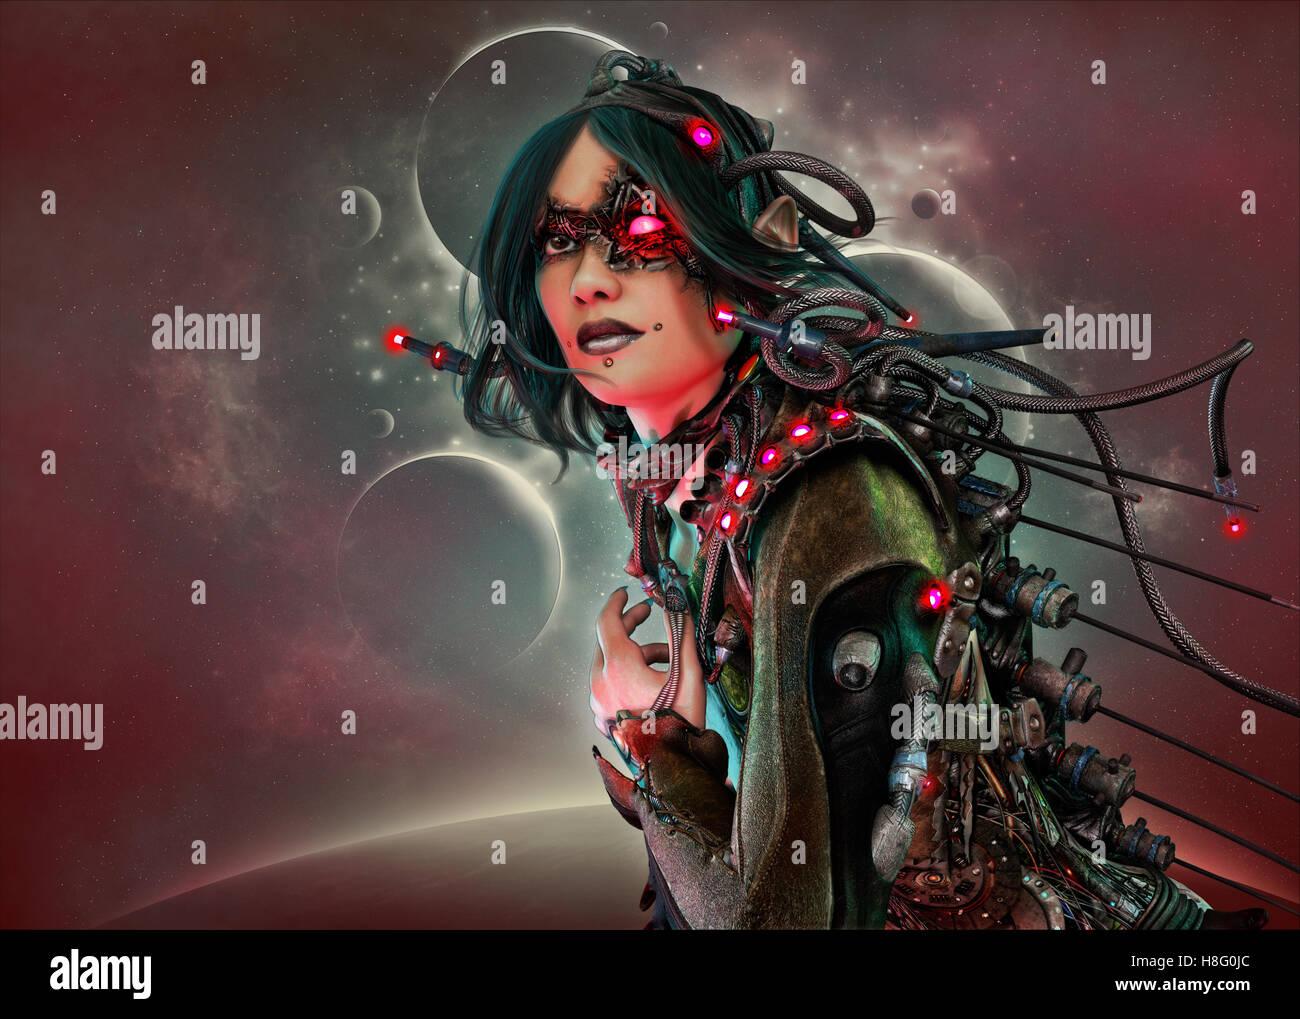 L Infographie 3d D Une Femme Cyborg Avec Des Vetements Et De La